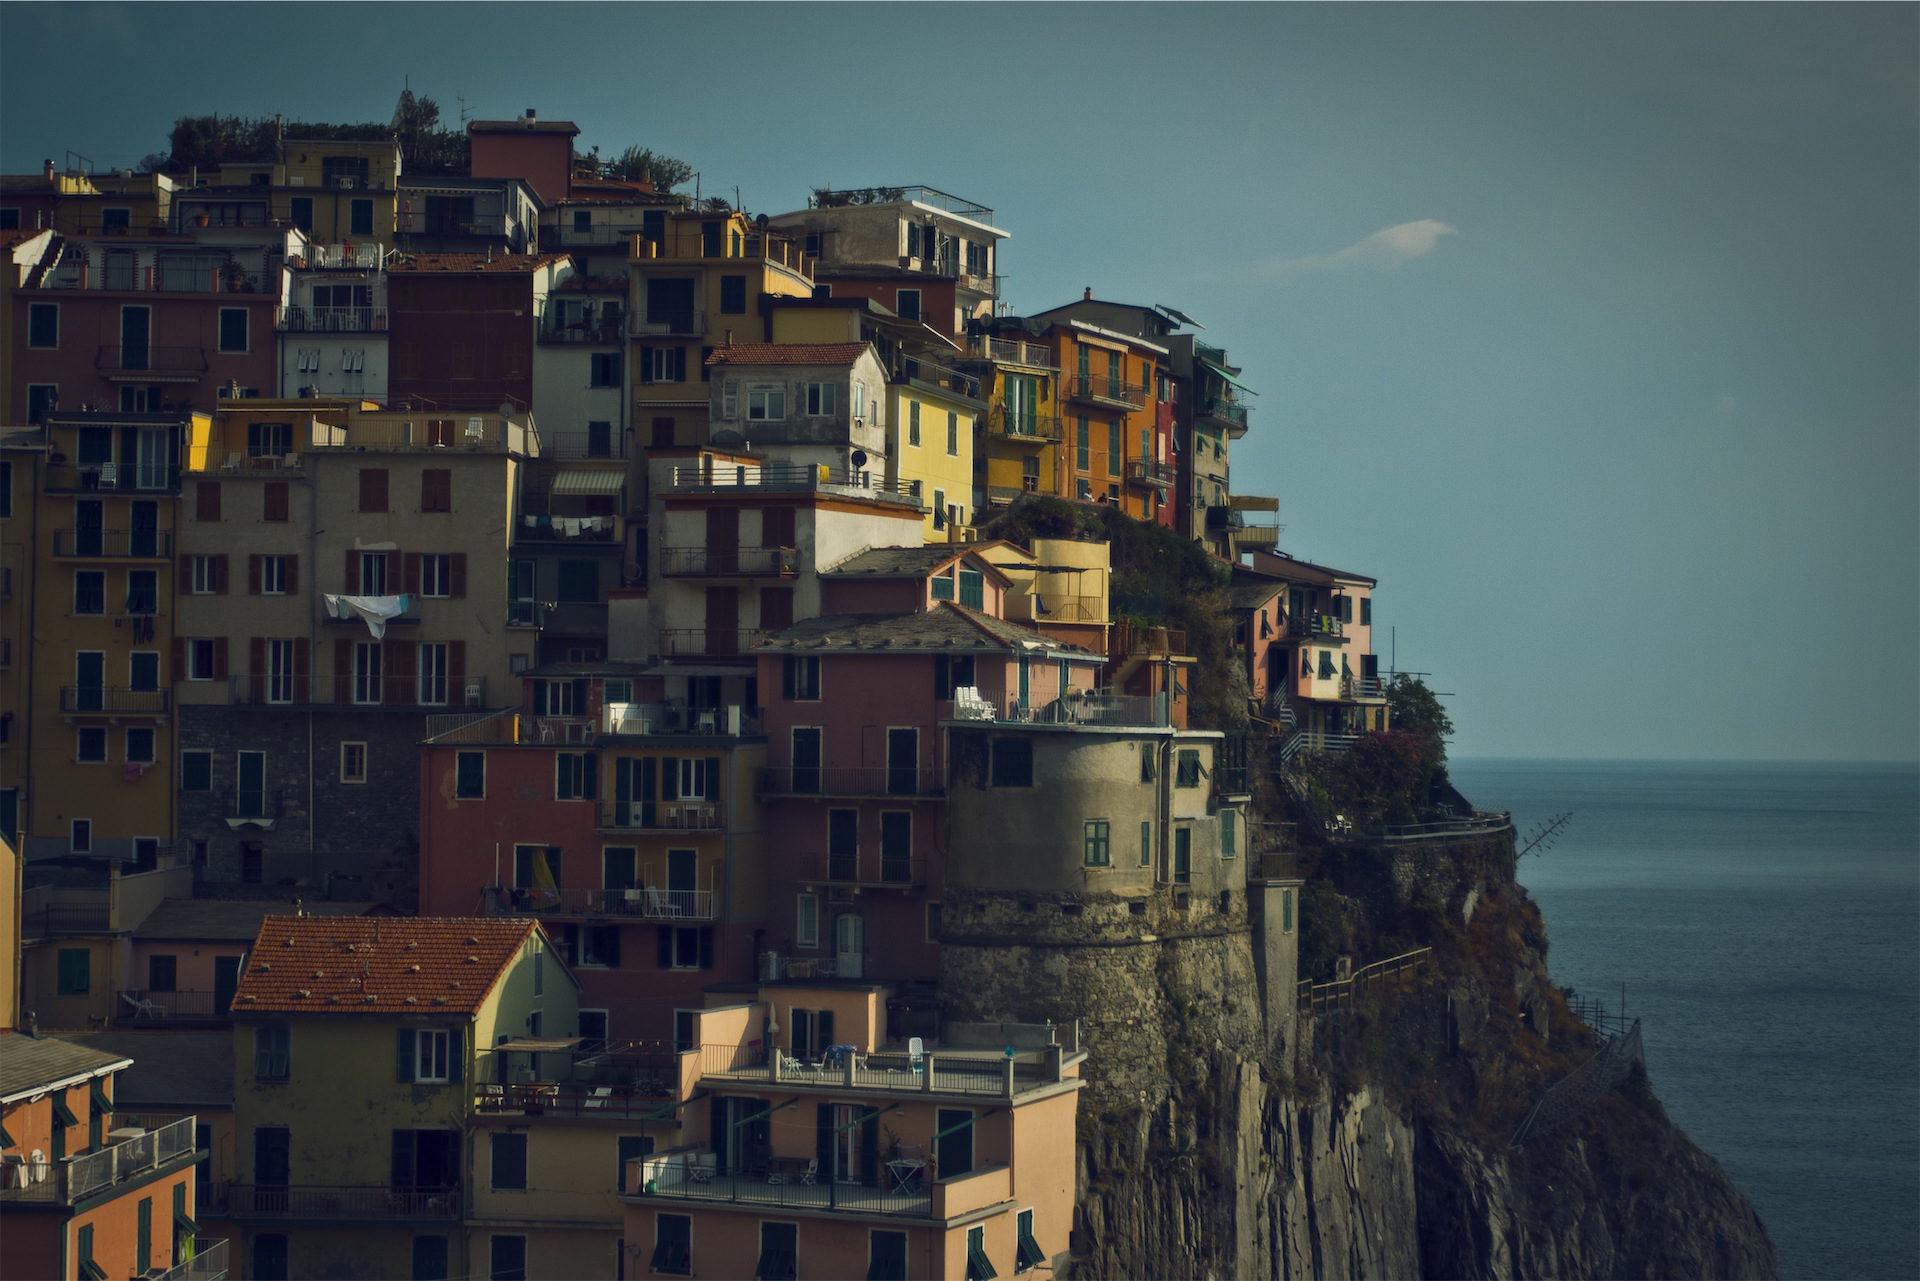 σπίτια, πολύχρωμο, Γκρεμό, Θάλασσα, χωριό - Wallpapers HD - Professor-falken.com